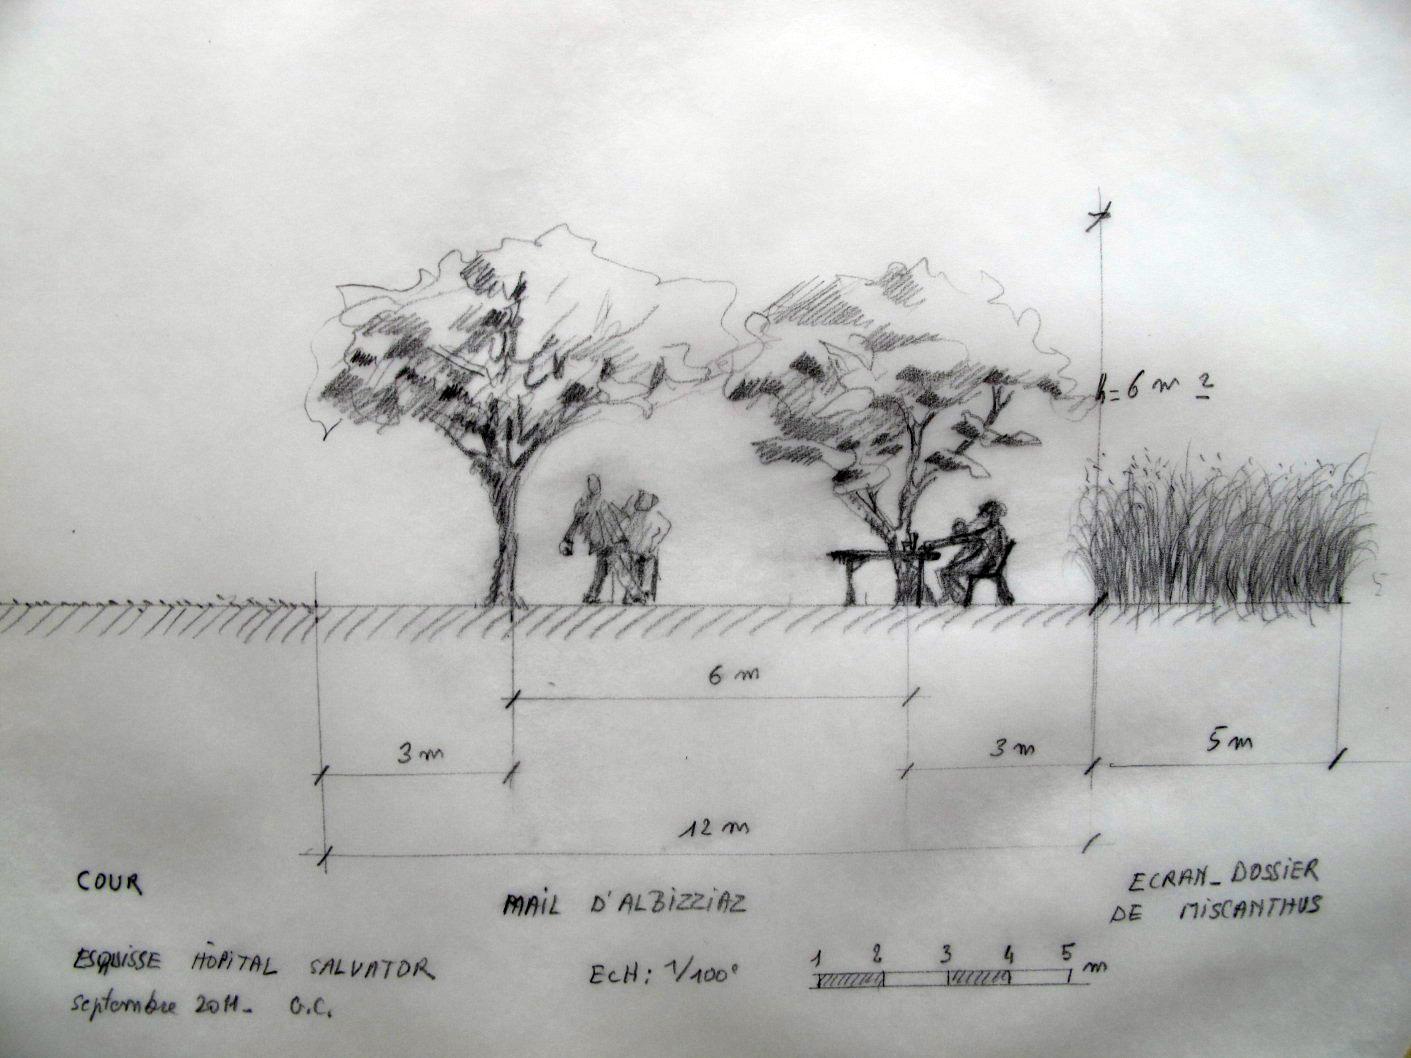 نمونه اسکیس ها در معماری